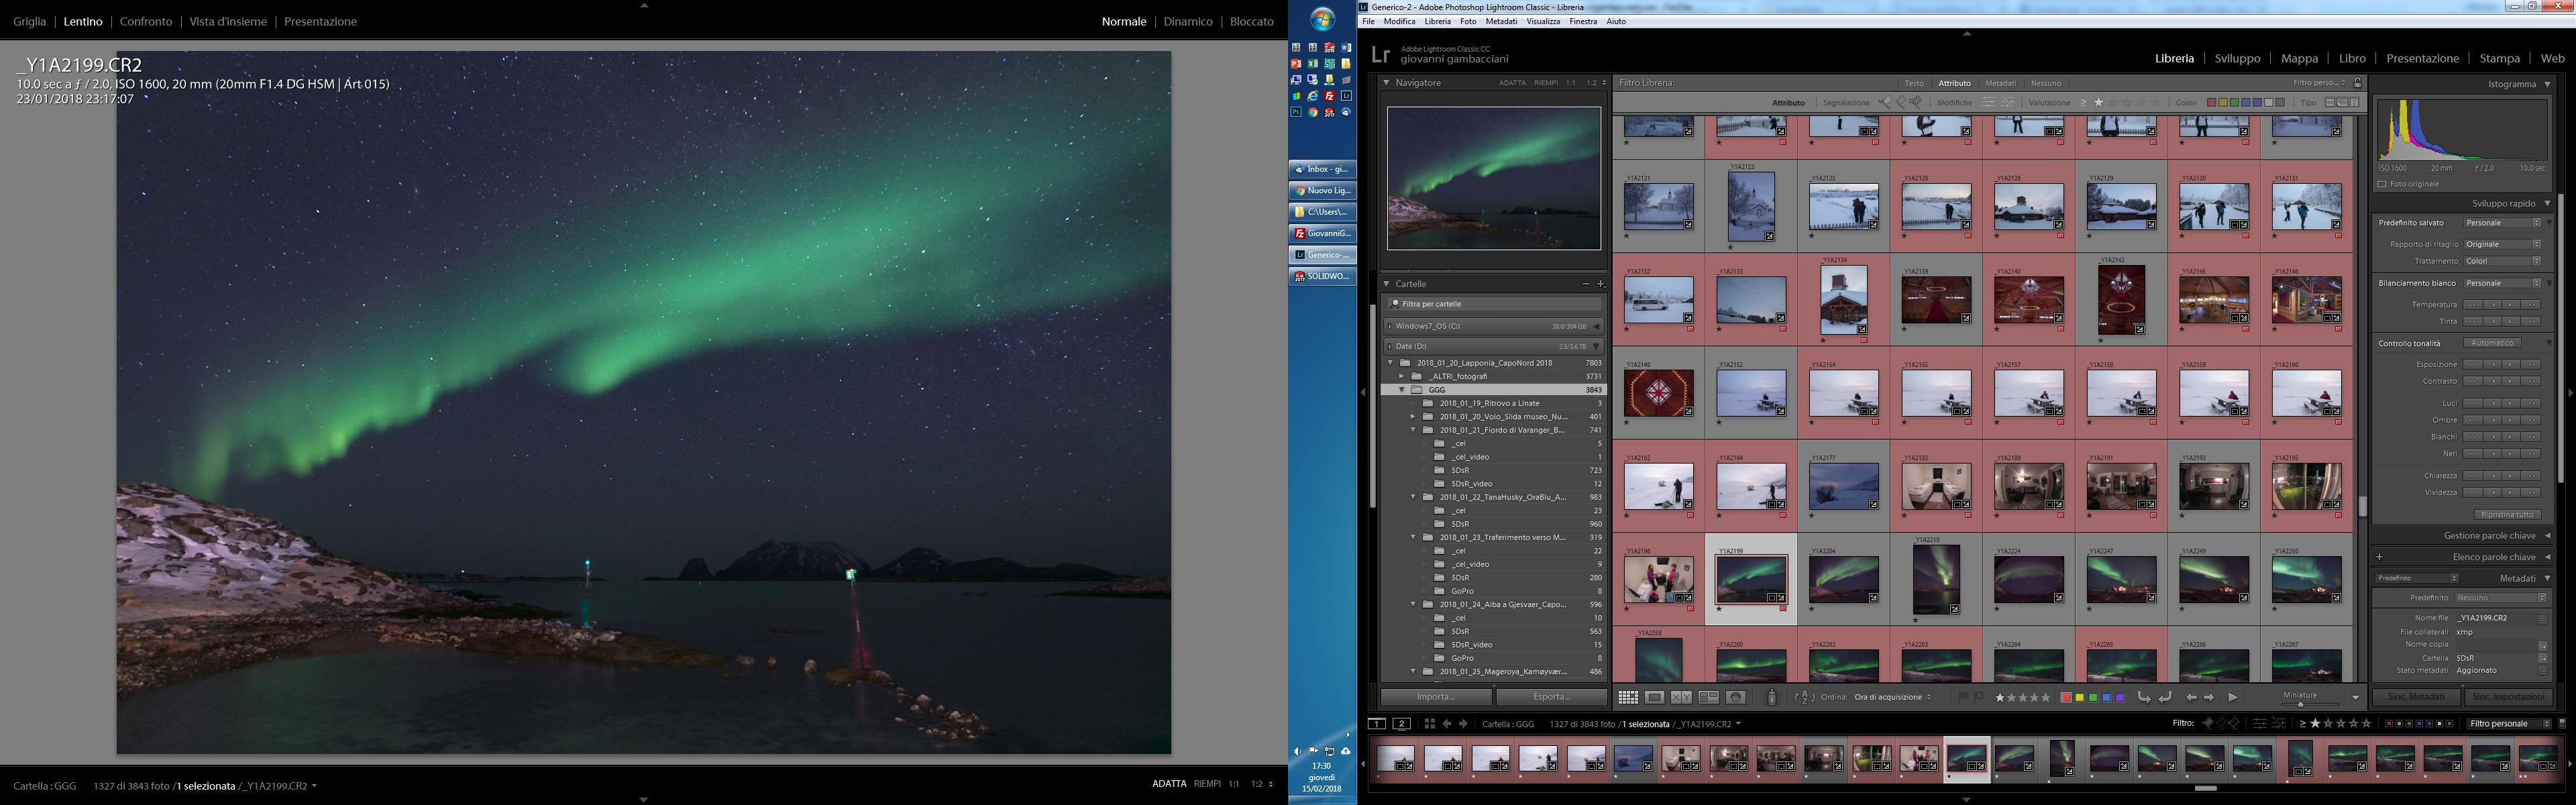 Pillole di Fotografia  doppio_schermo Nuovo LightRoom v7.2 ... Finalmente un pò di velocità!